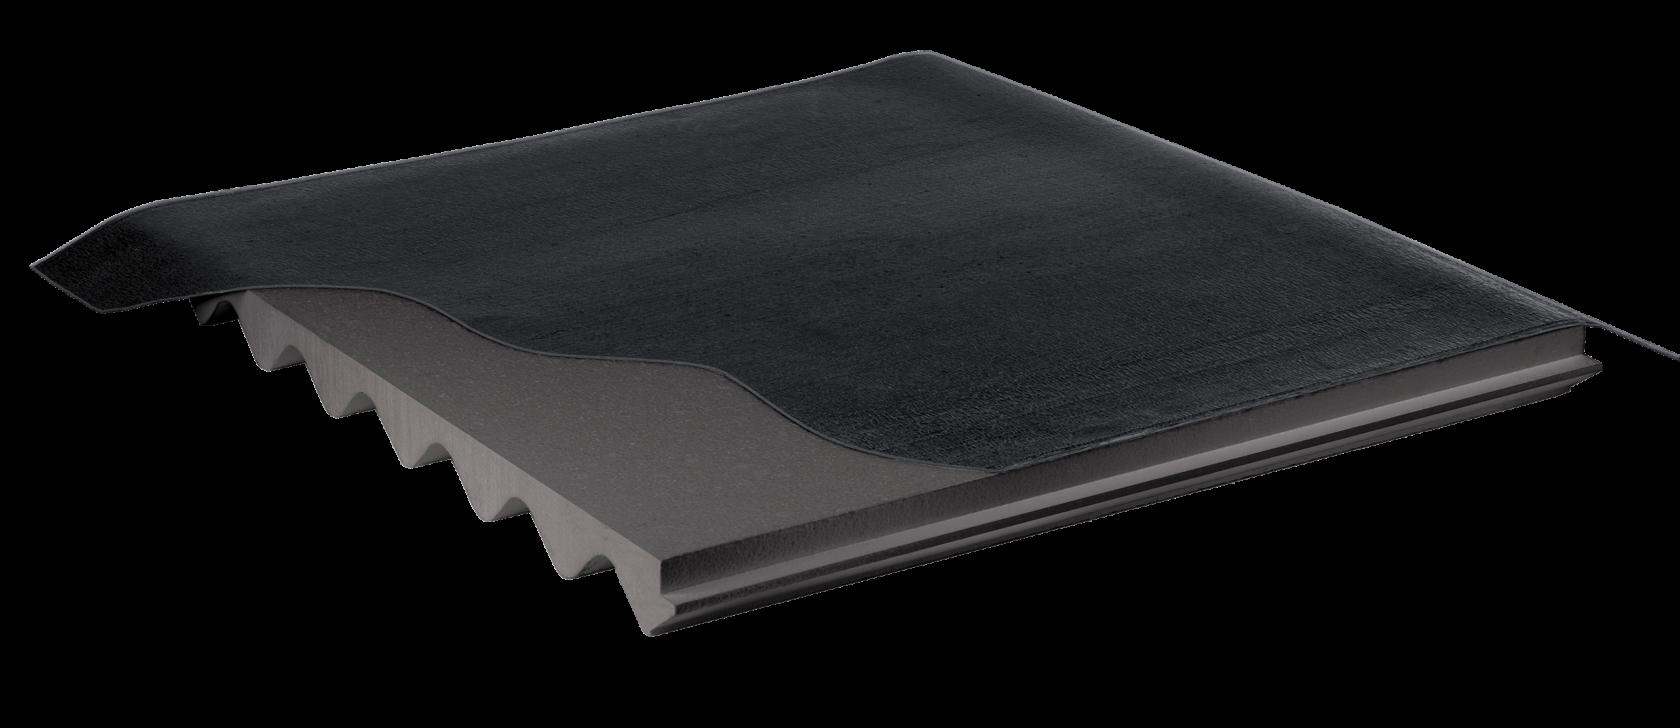 Bonifica amianto eternit con sovracopertura di pannelli isolanti per lastre ondulate nuova fopan